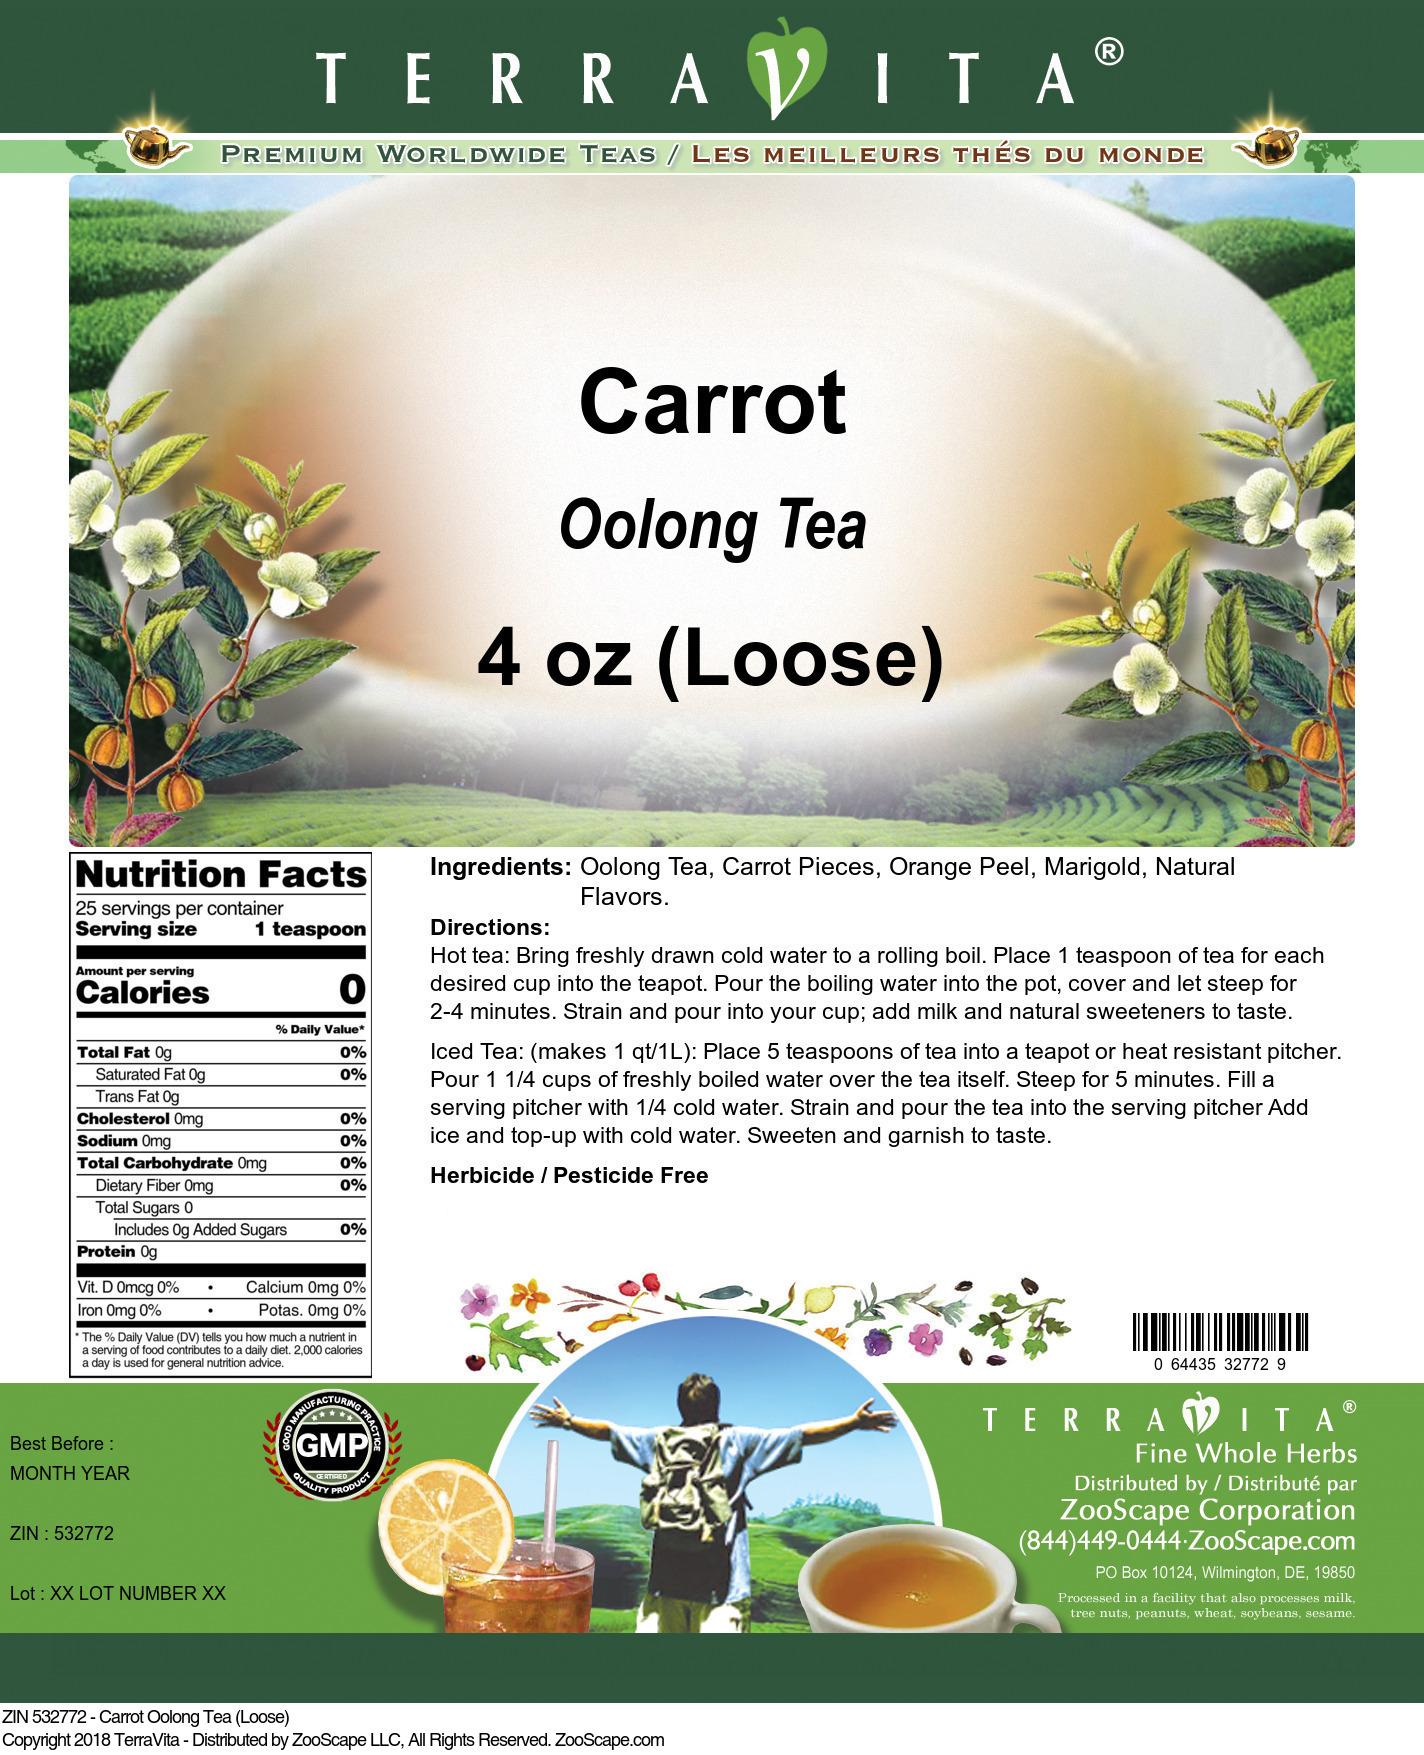 Carrot Oolong Tea